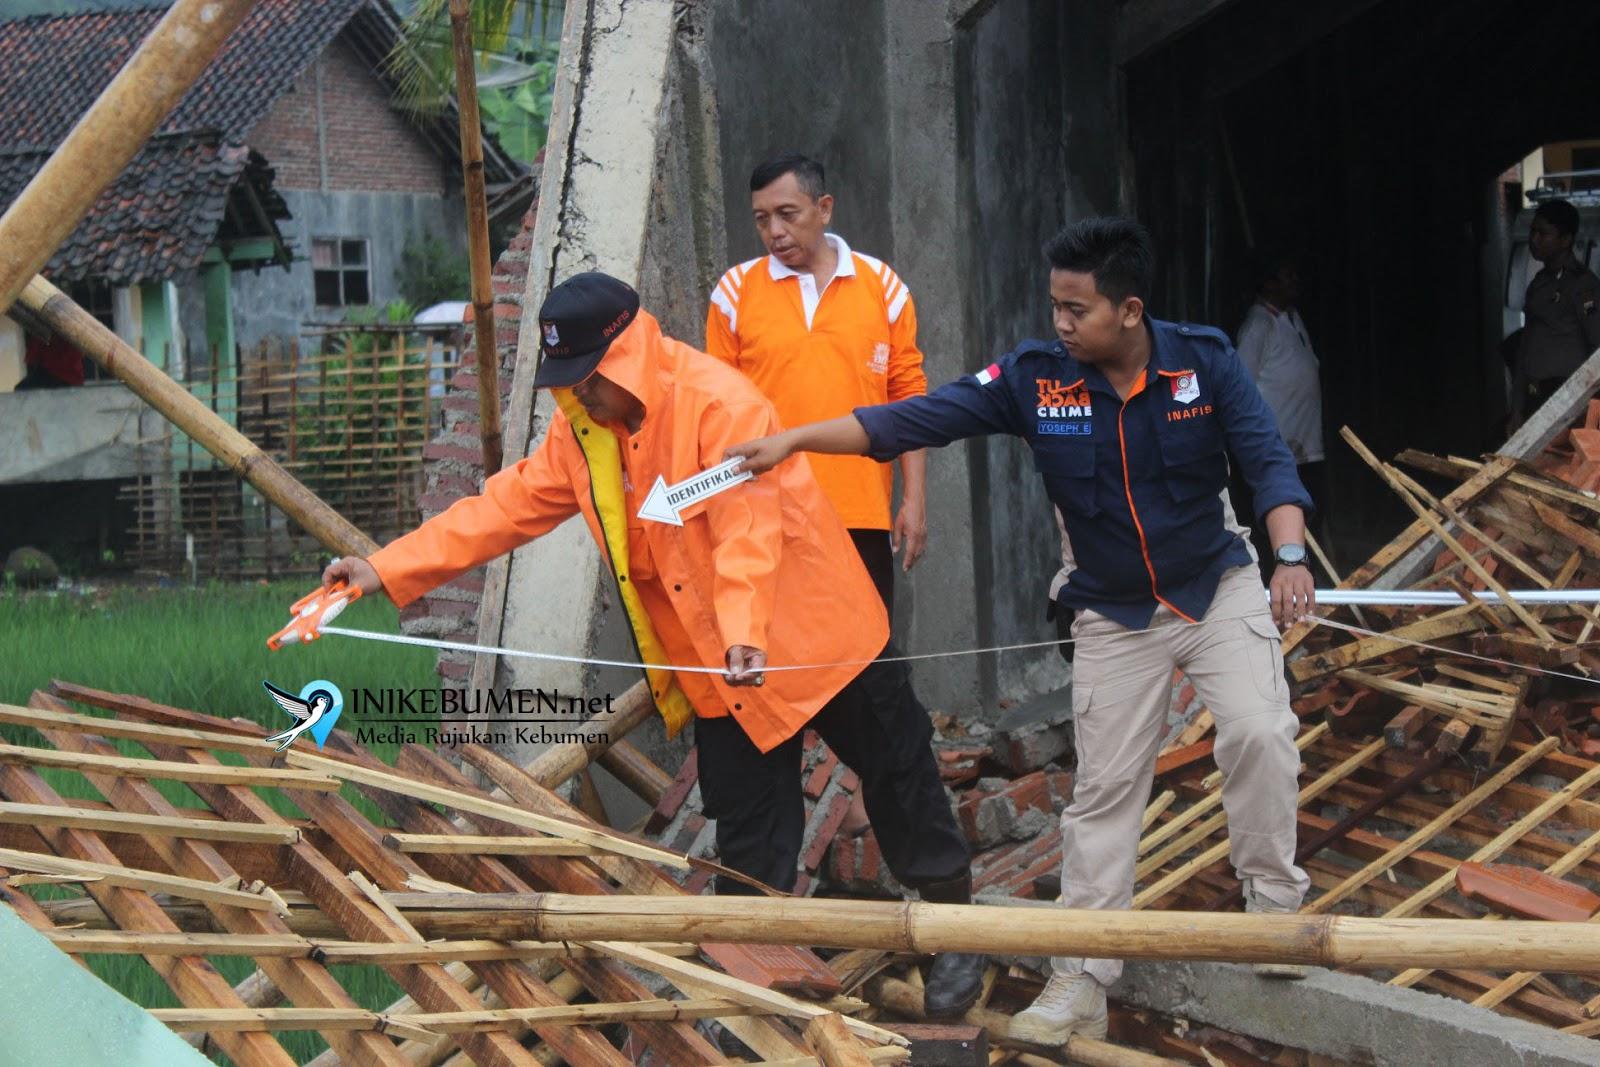 Bangunan yang Ambruk di Sadang itu Gedung Dakwah Muhammadiyah